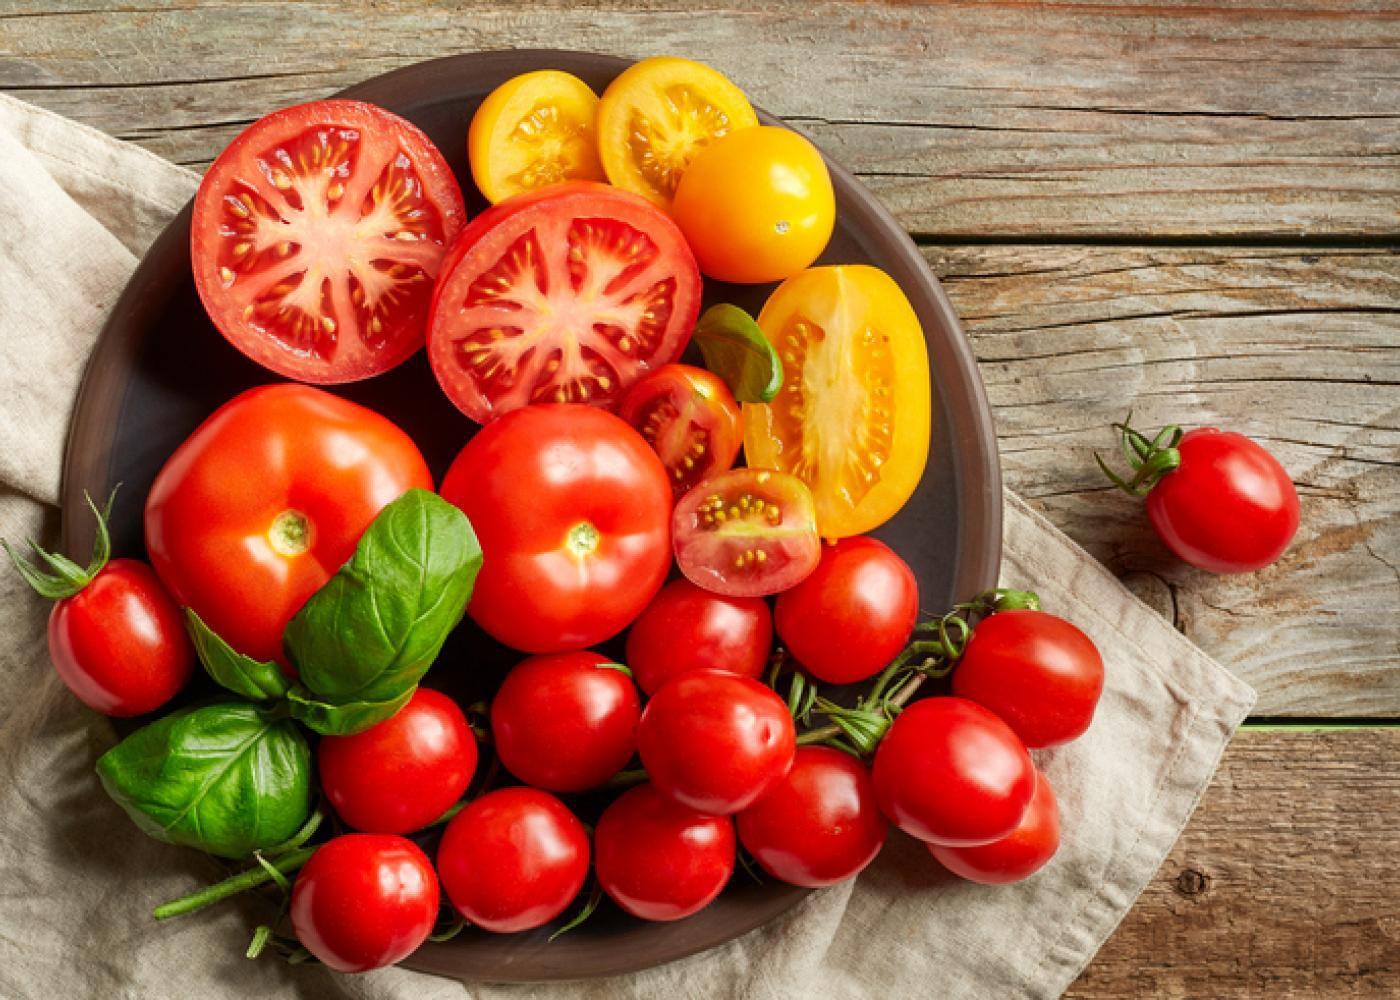 Cất trữ những loại thực phẩm này trong tủ lạnh, chẳng những gây mùi mà còn gây hại cả sức khỏe - Ảnh 2.